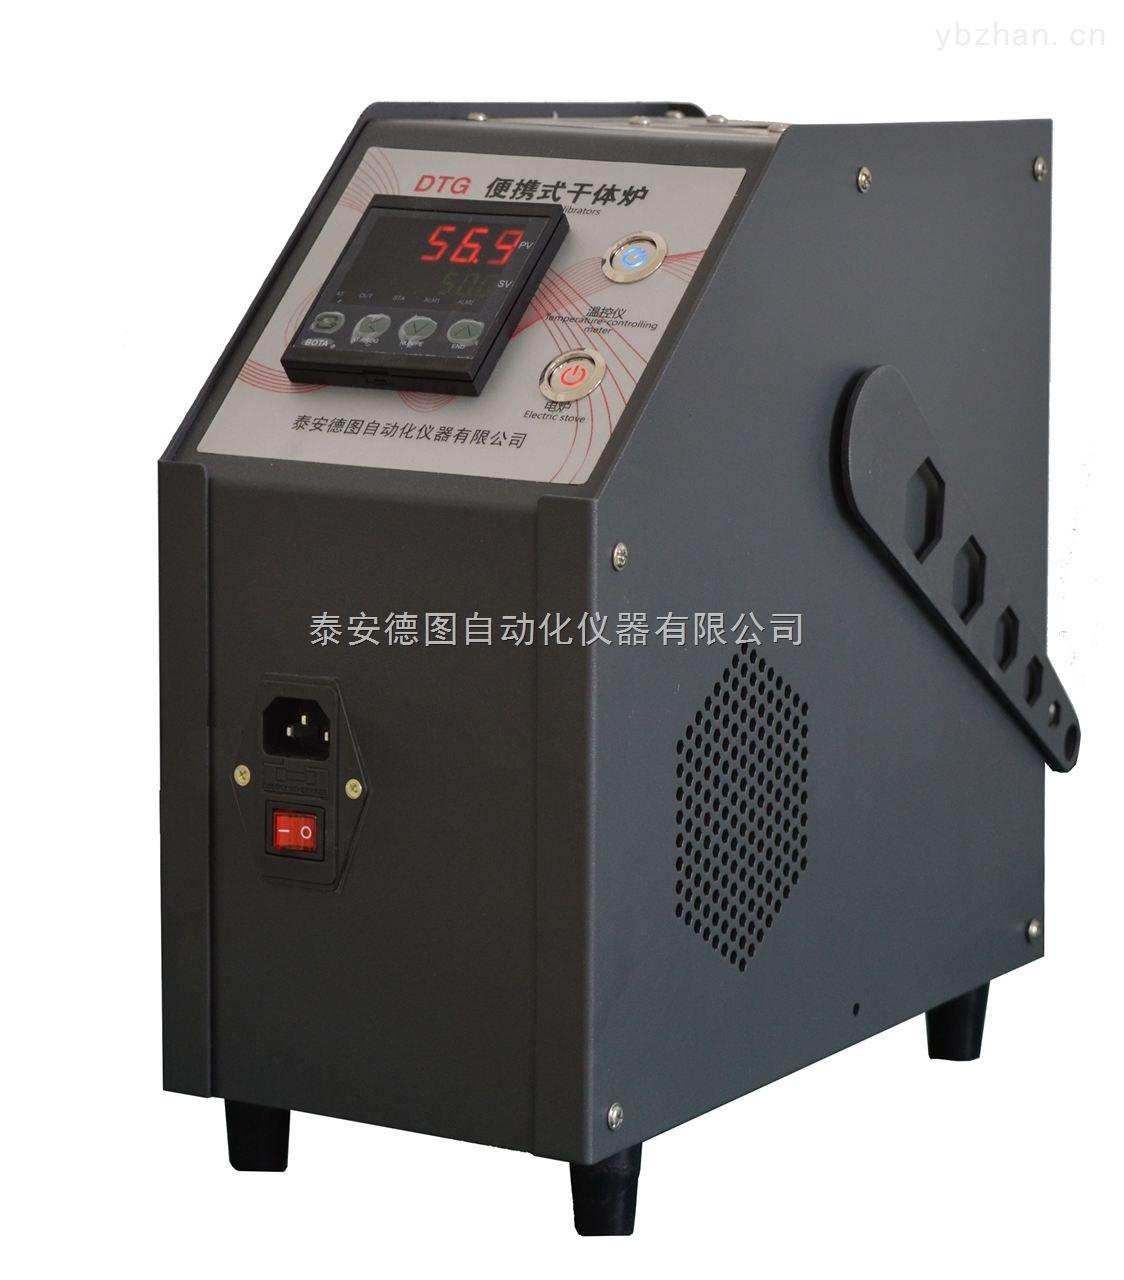 便携式干井炉_干体炉生产厂家